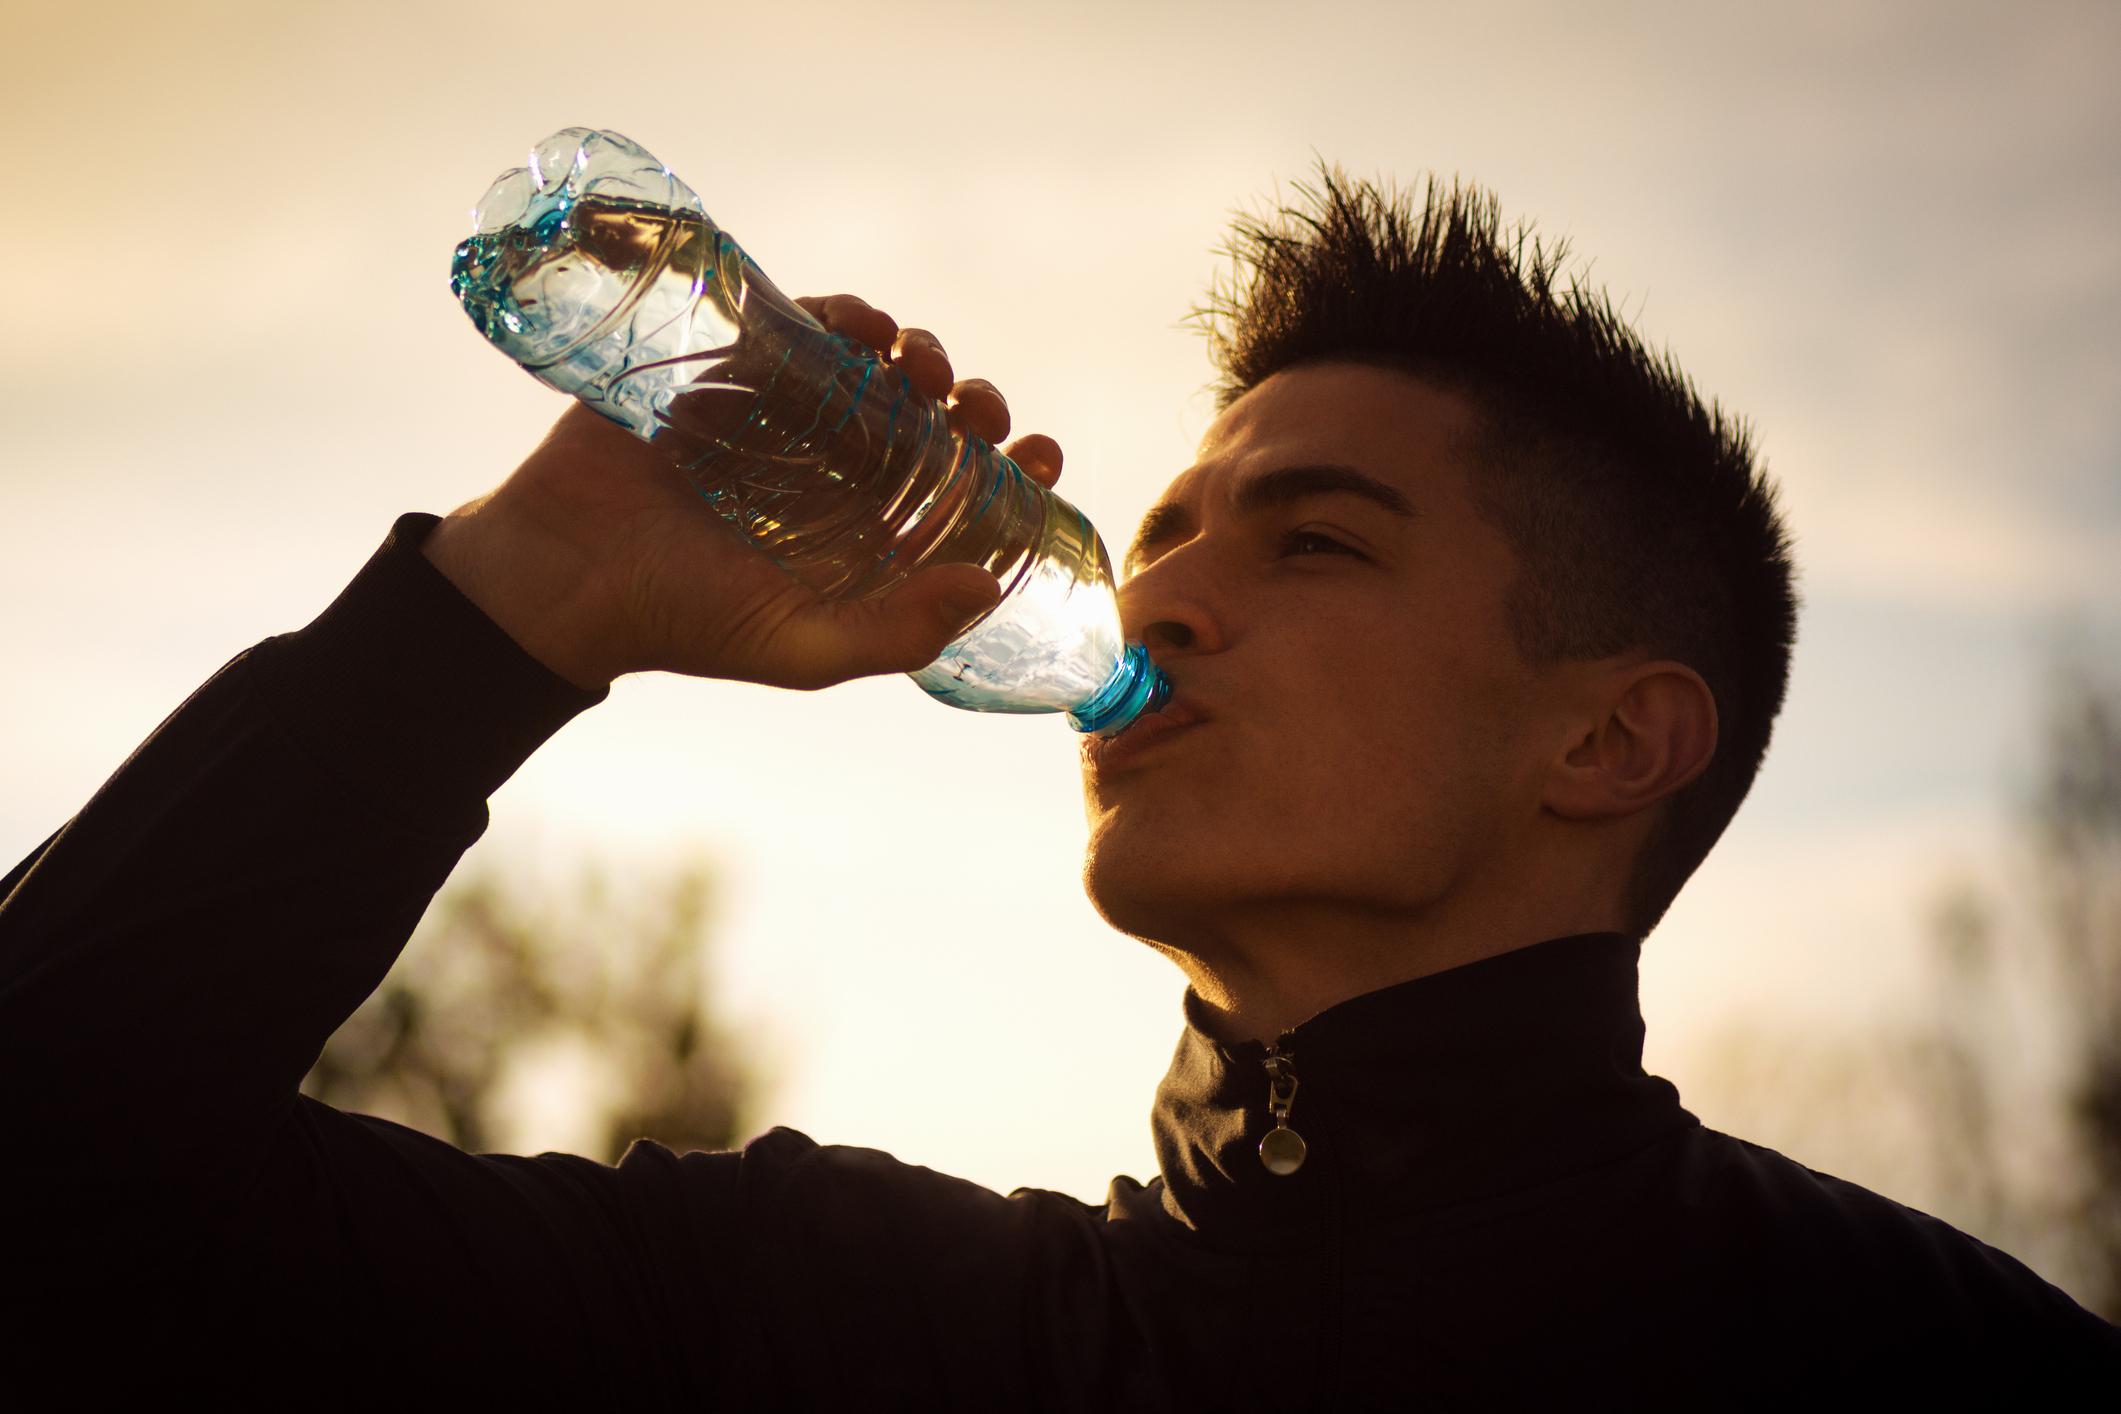 Овкусете водата с любимите си плодове, зеленчуци и билки: Накиснете вашия любим плод, зеленчук или билка в кана с вода за една нощ или за няколко часа. Освен че това ще ви помогне да пиете повече вода, добавянето на мента и лимон ще засили вашия метаболизъм.